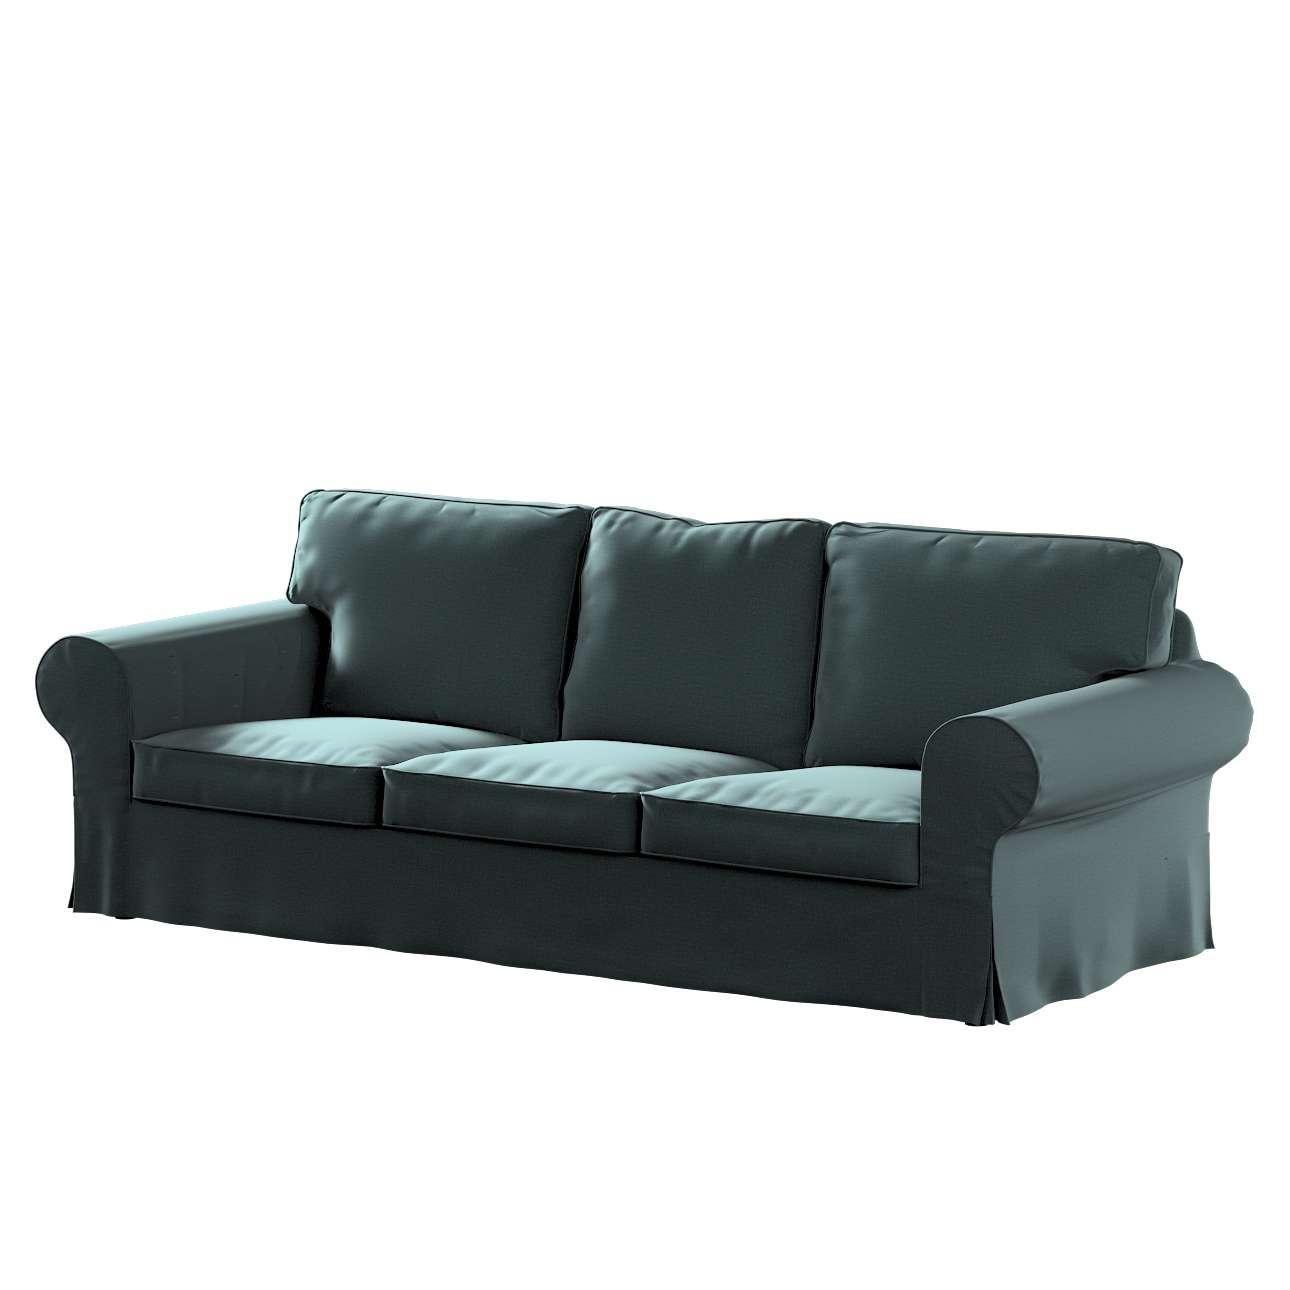 Bezug für Ektorp 3-Sitzer Sofa nicht ausklappbar von der Kollektion Ingrid, Stoff: 705-36